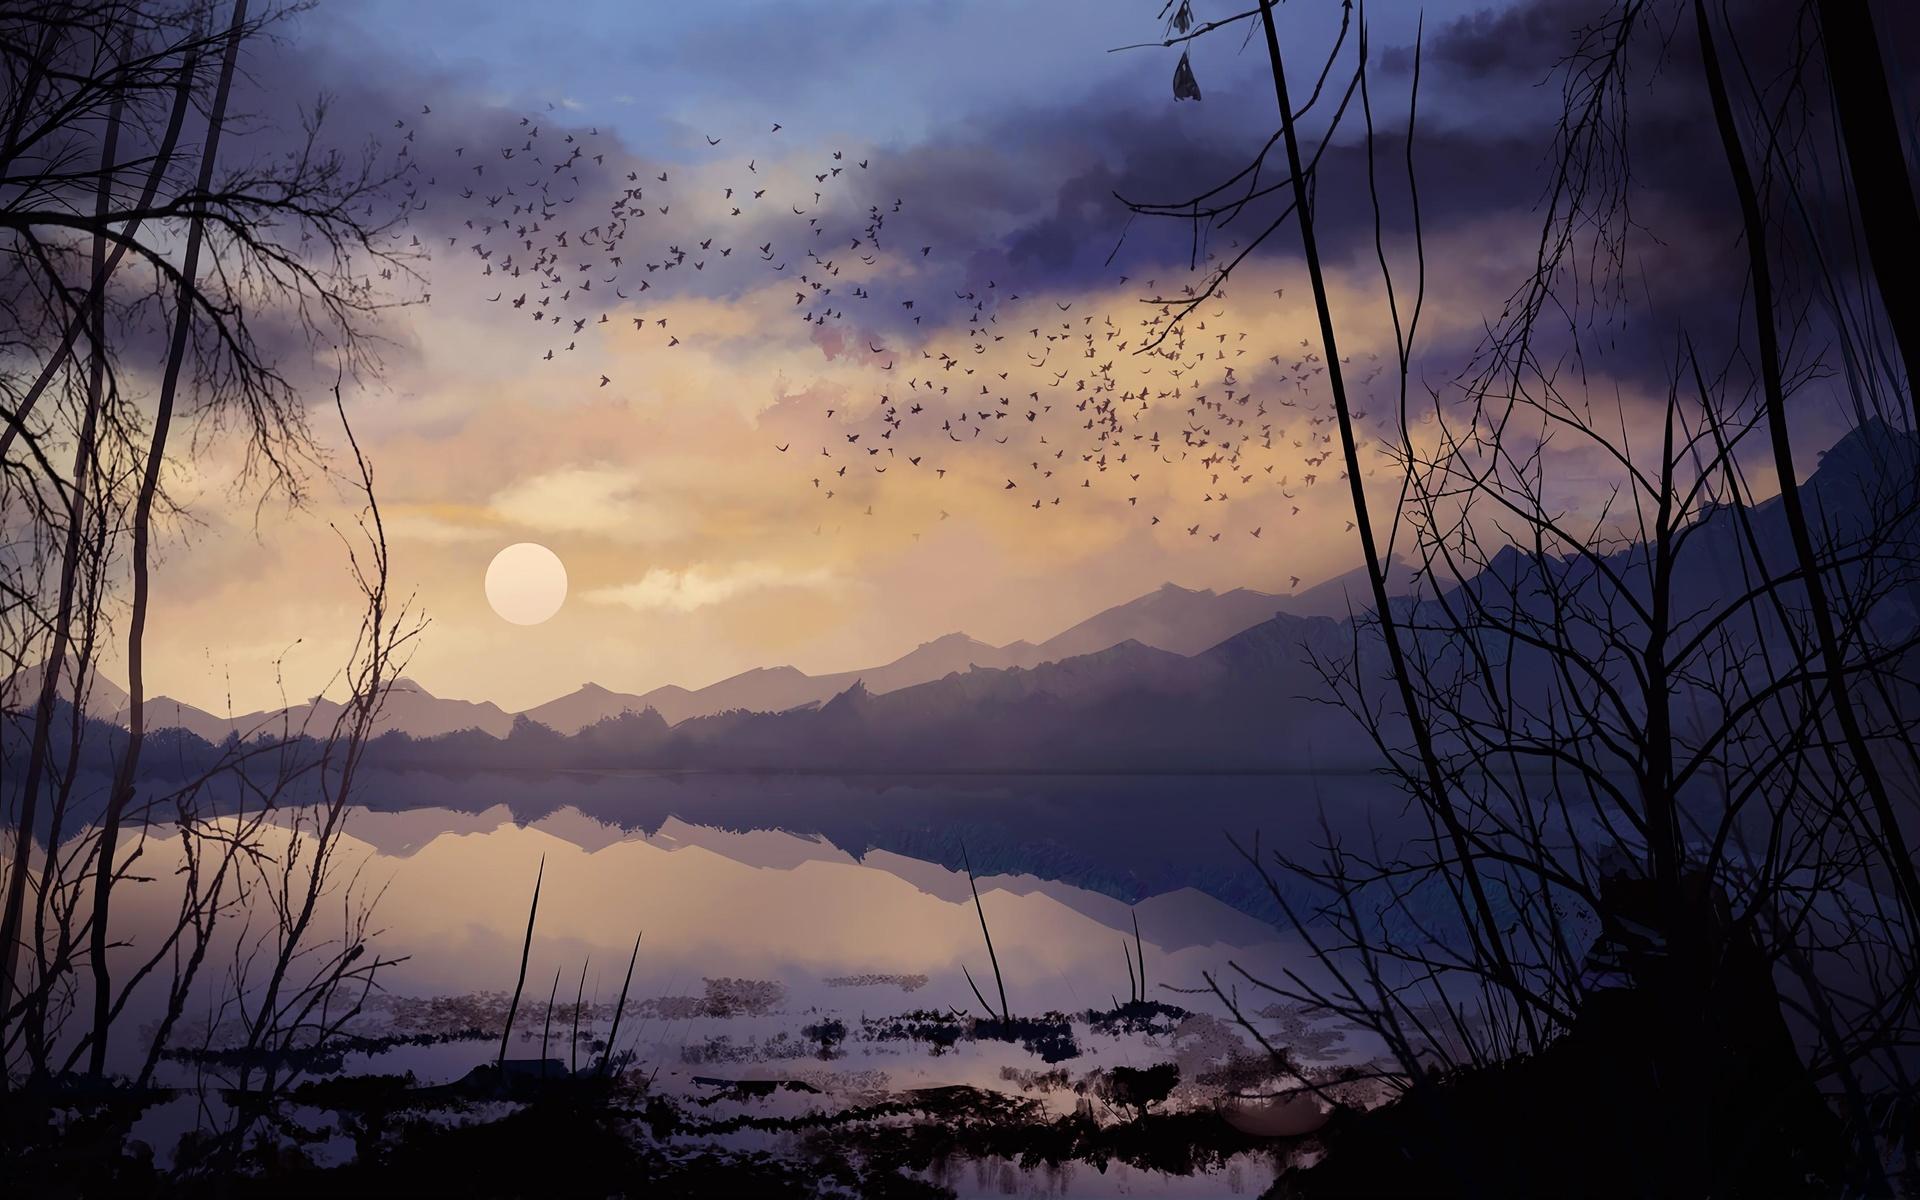 ночь, луна, арт, птицы, ветки